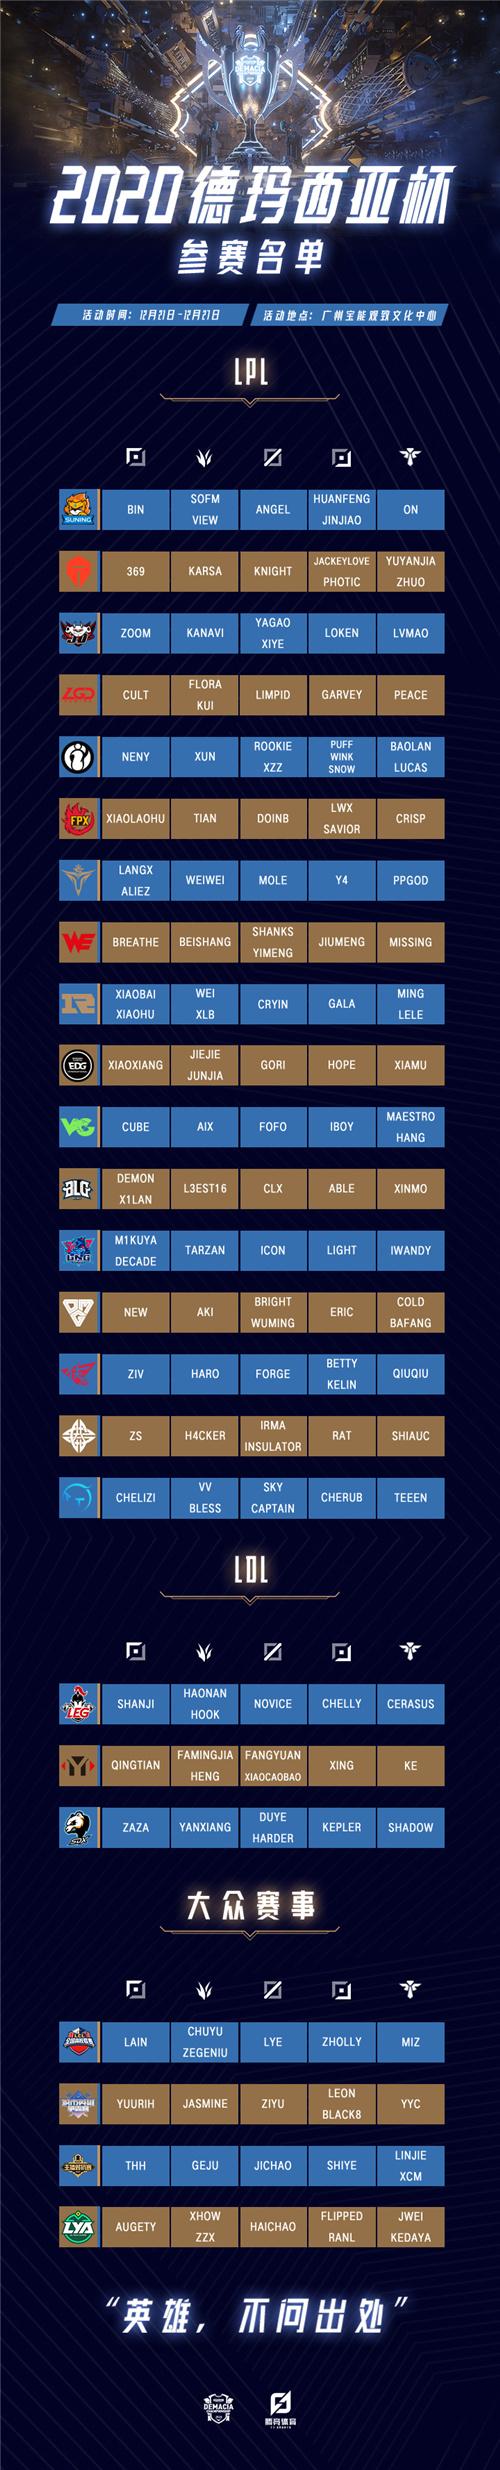 2020德玛西亚杯参赛名单 德玛西亚杯参赛队员名单